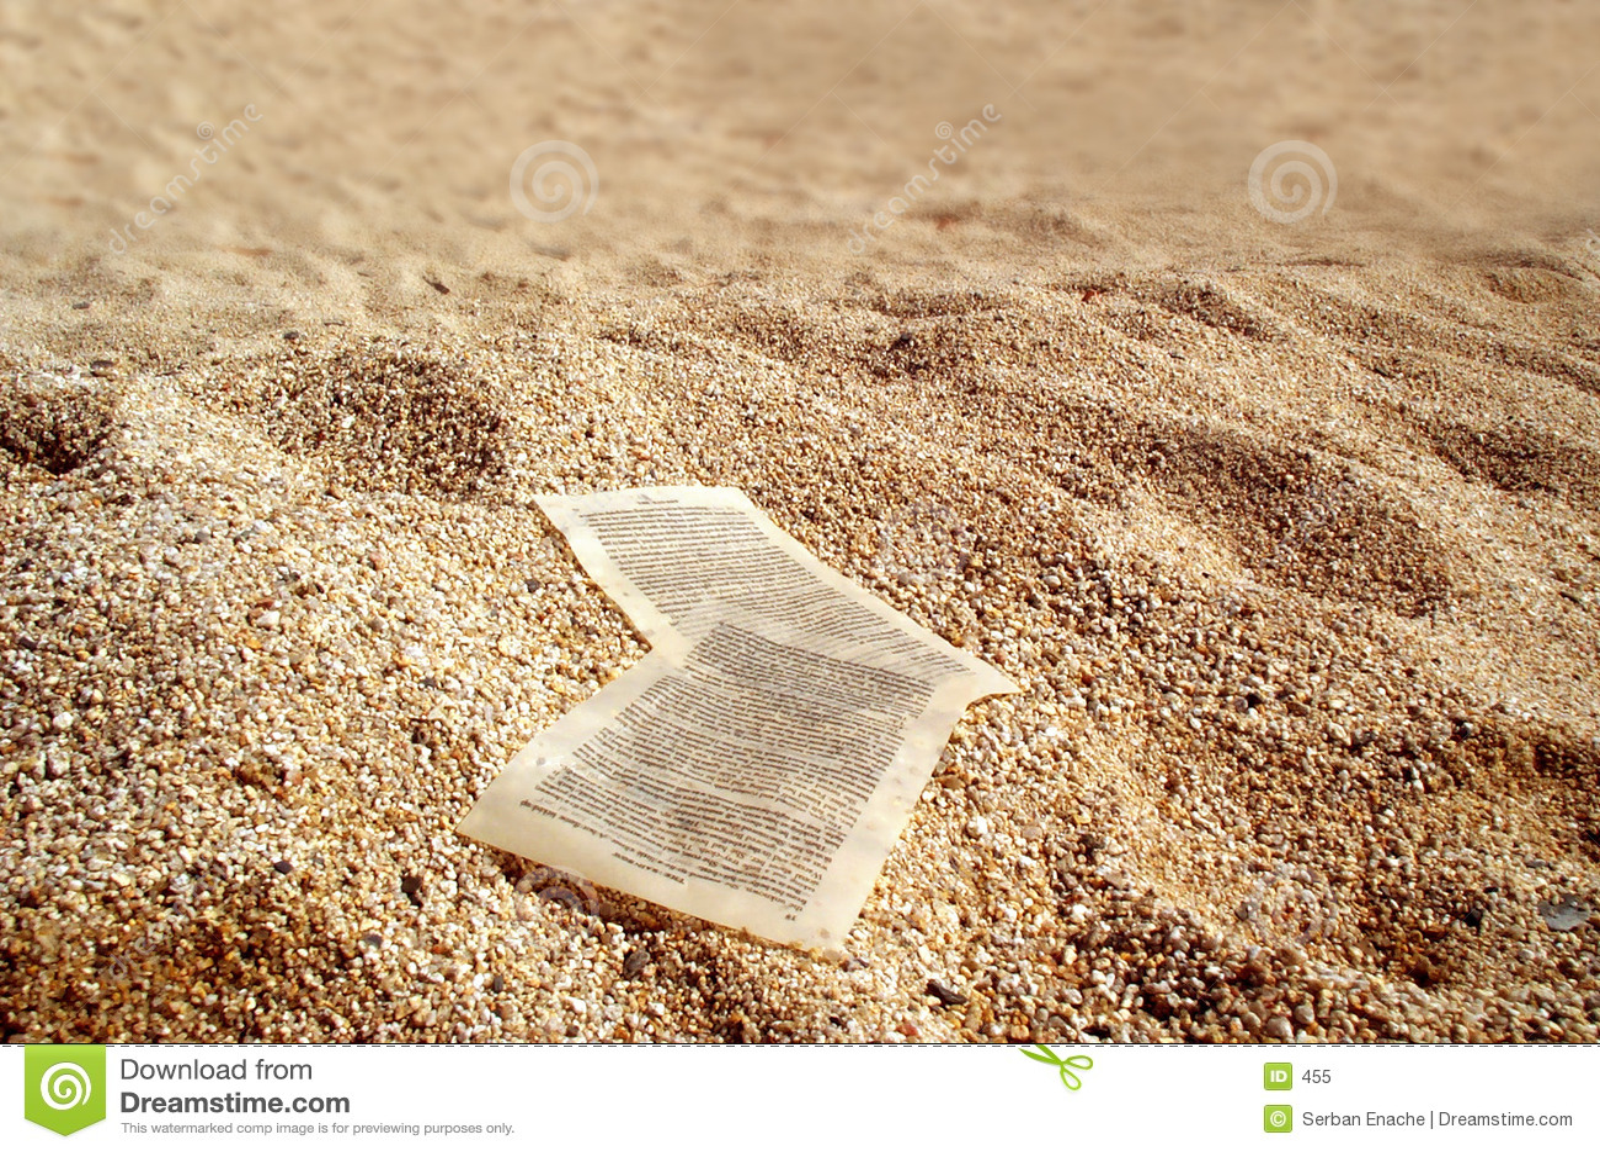 Paper sheets on golden sands